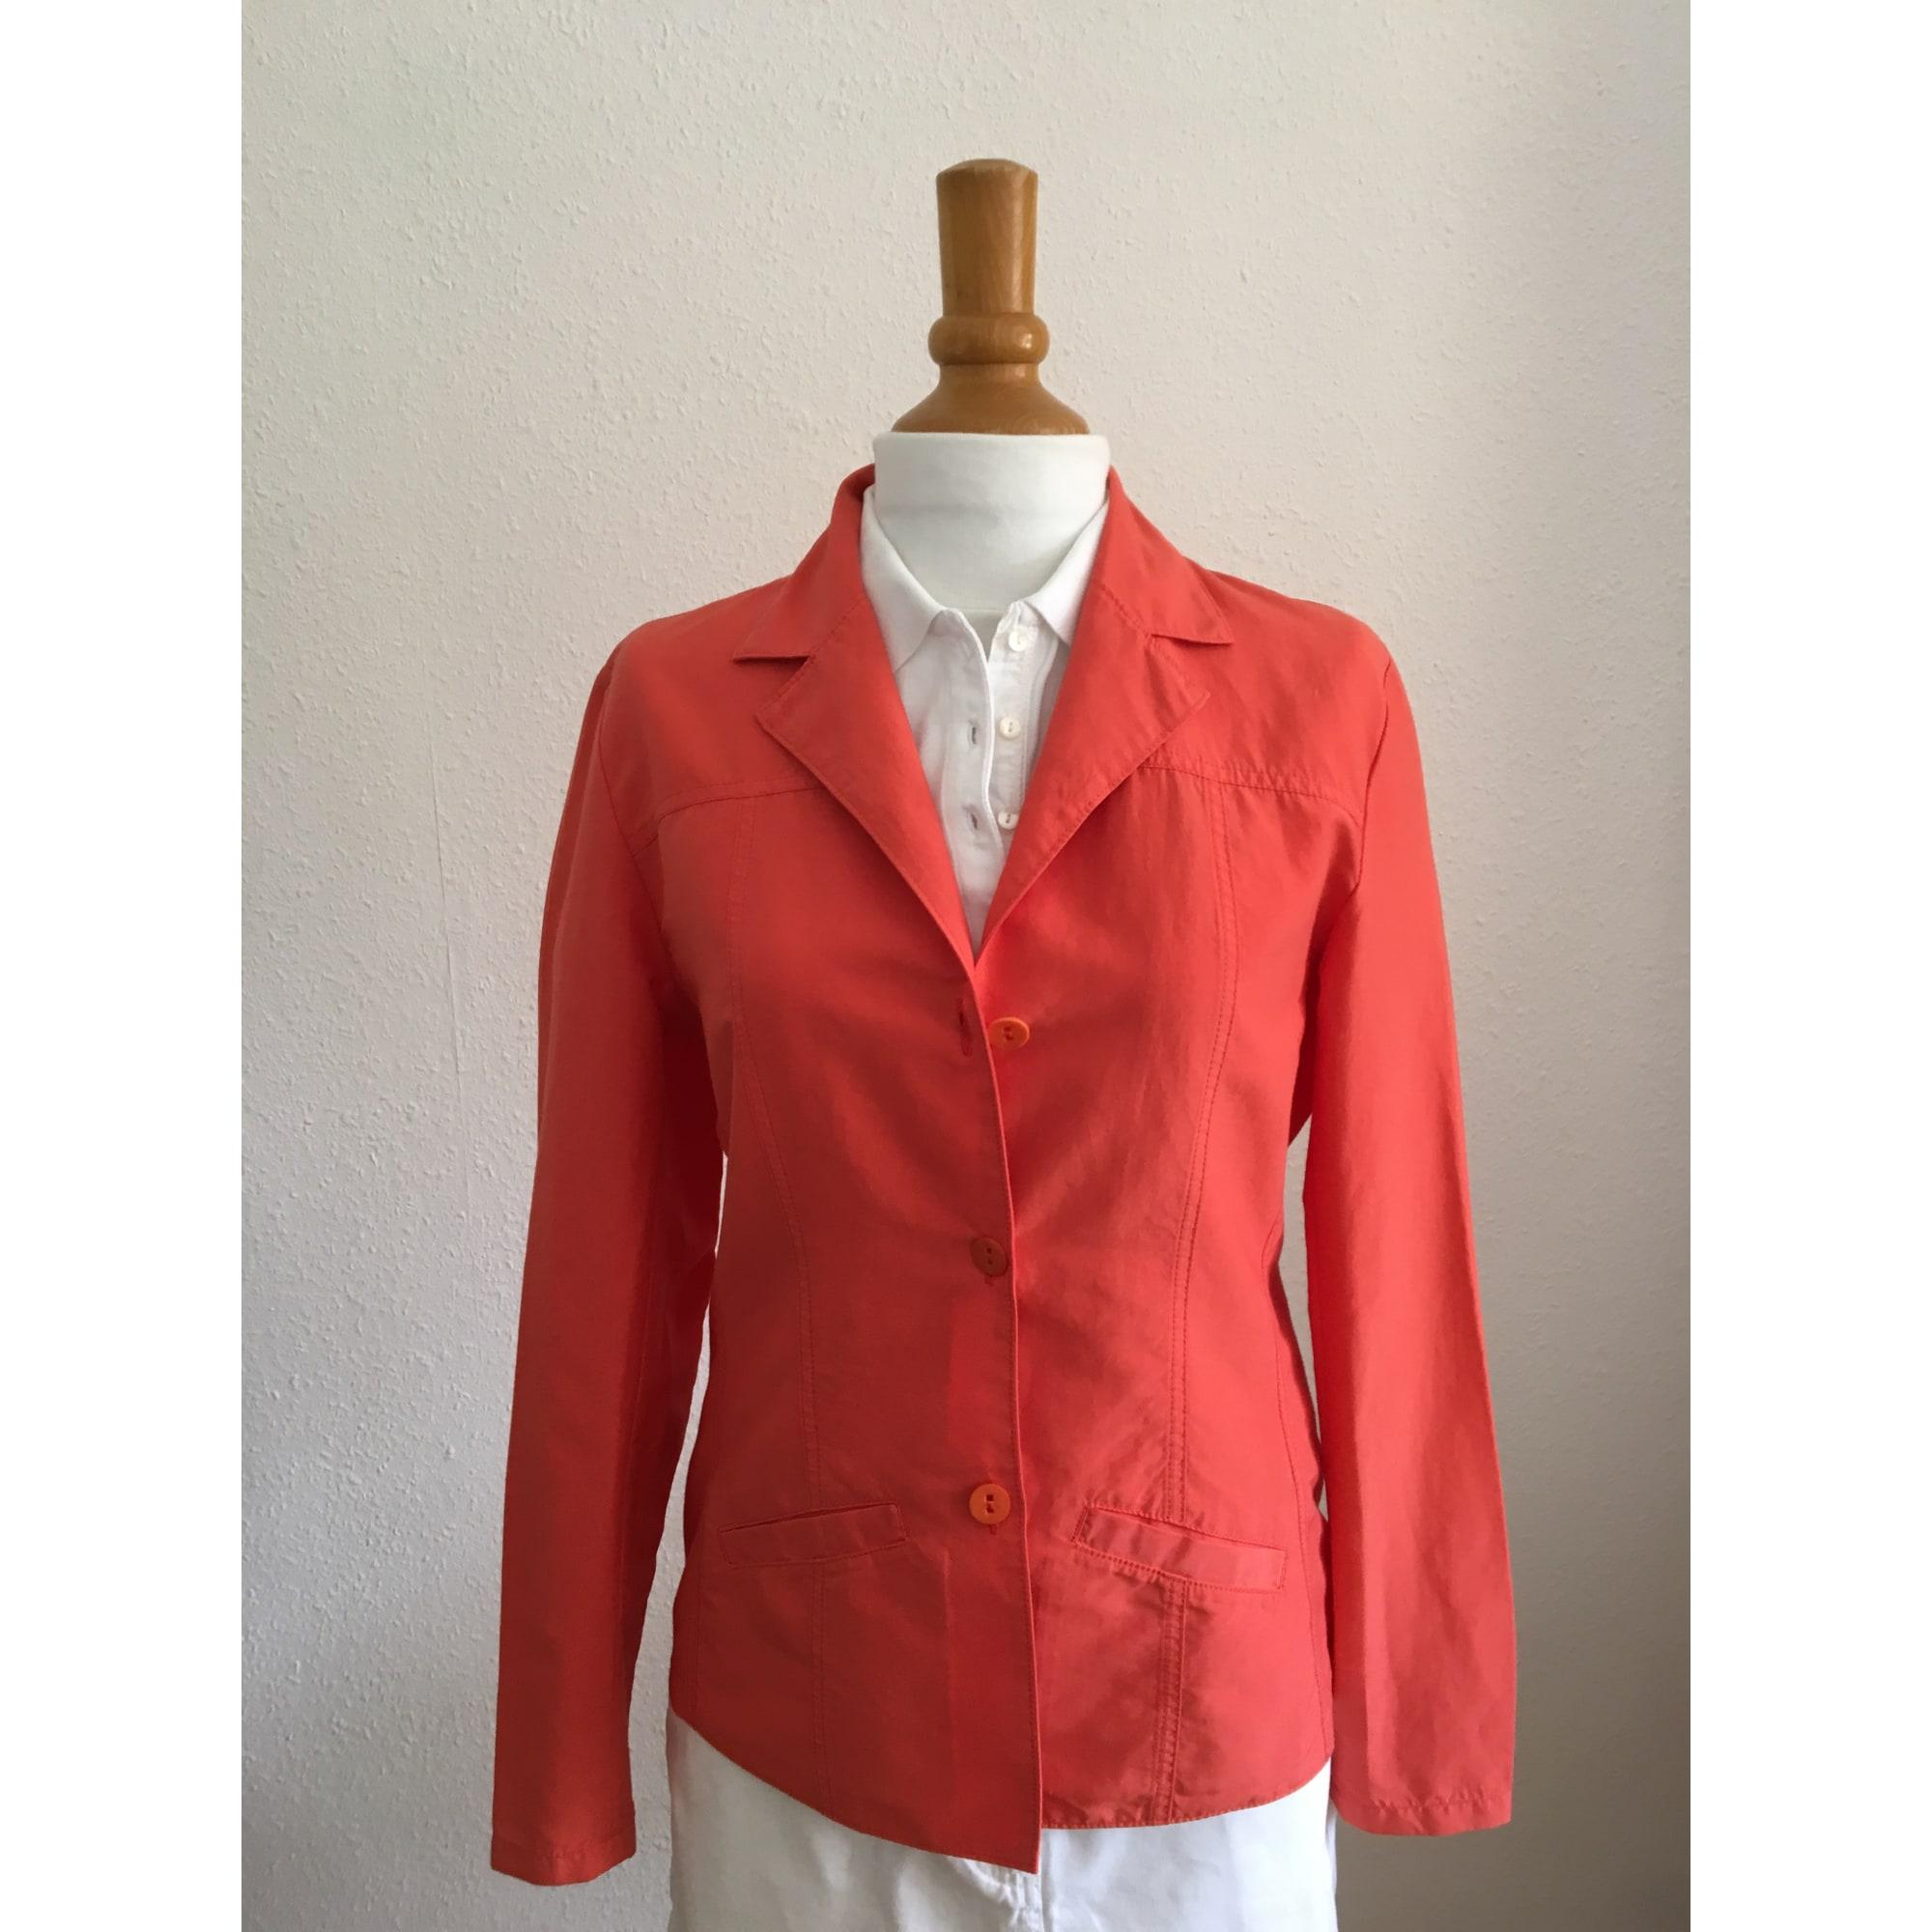 Veste tailleur corail femme